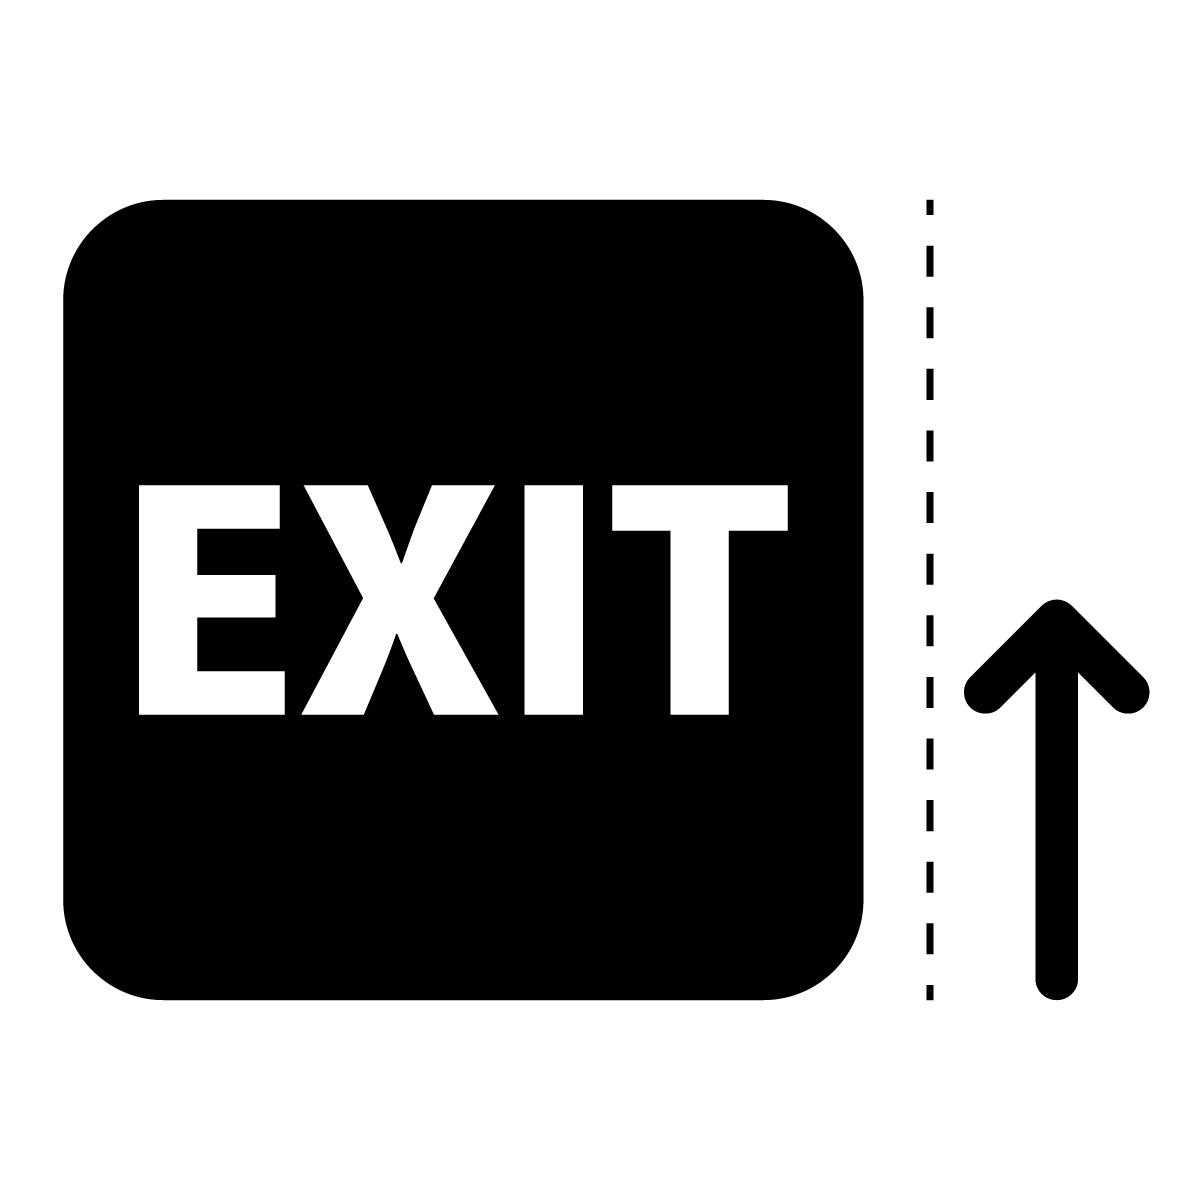 黒色の出口 EXIT 案内 マーク(矢印付き)のカッティング ステッカー シール